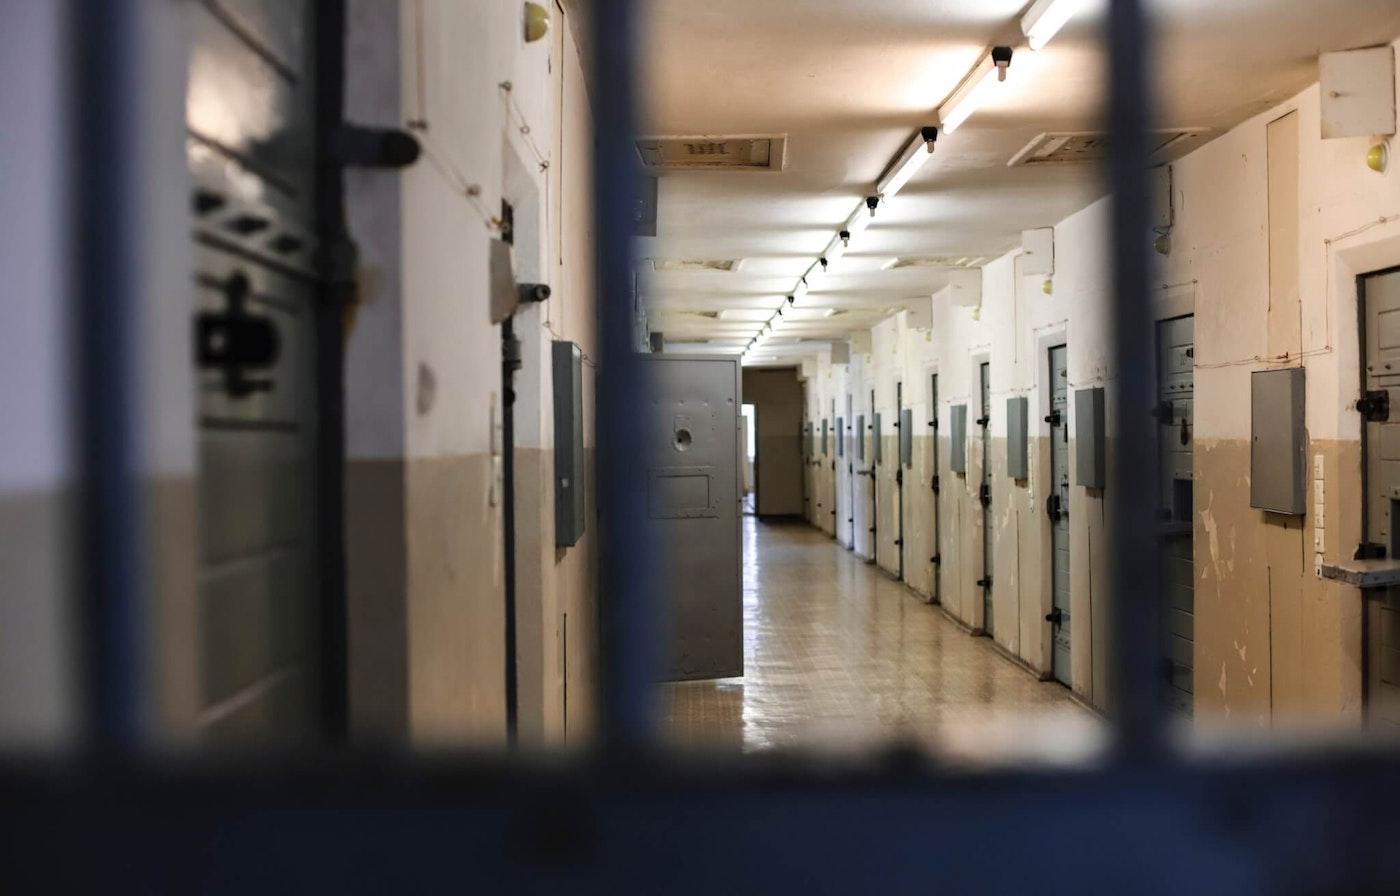 Empty jail cellblock hallway with an open door